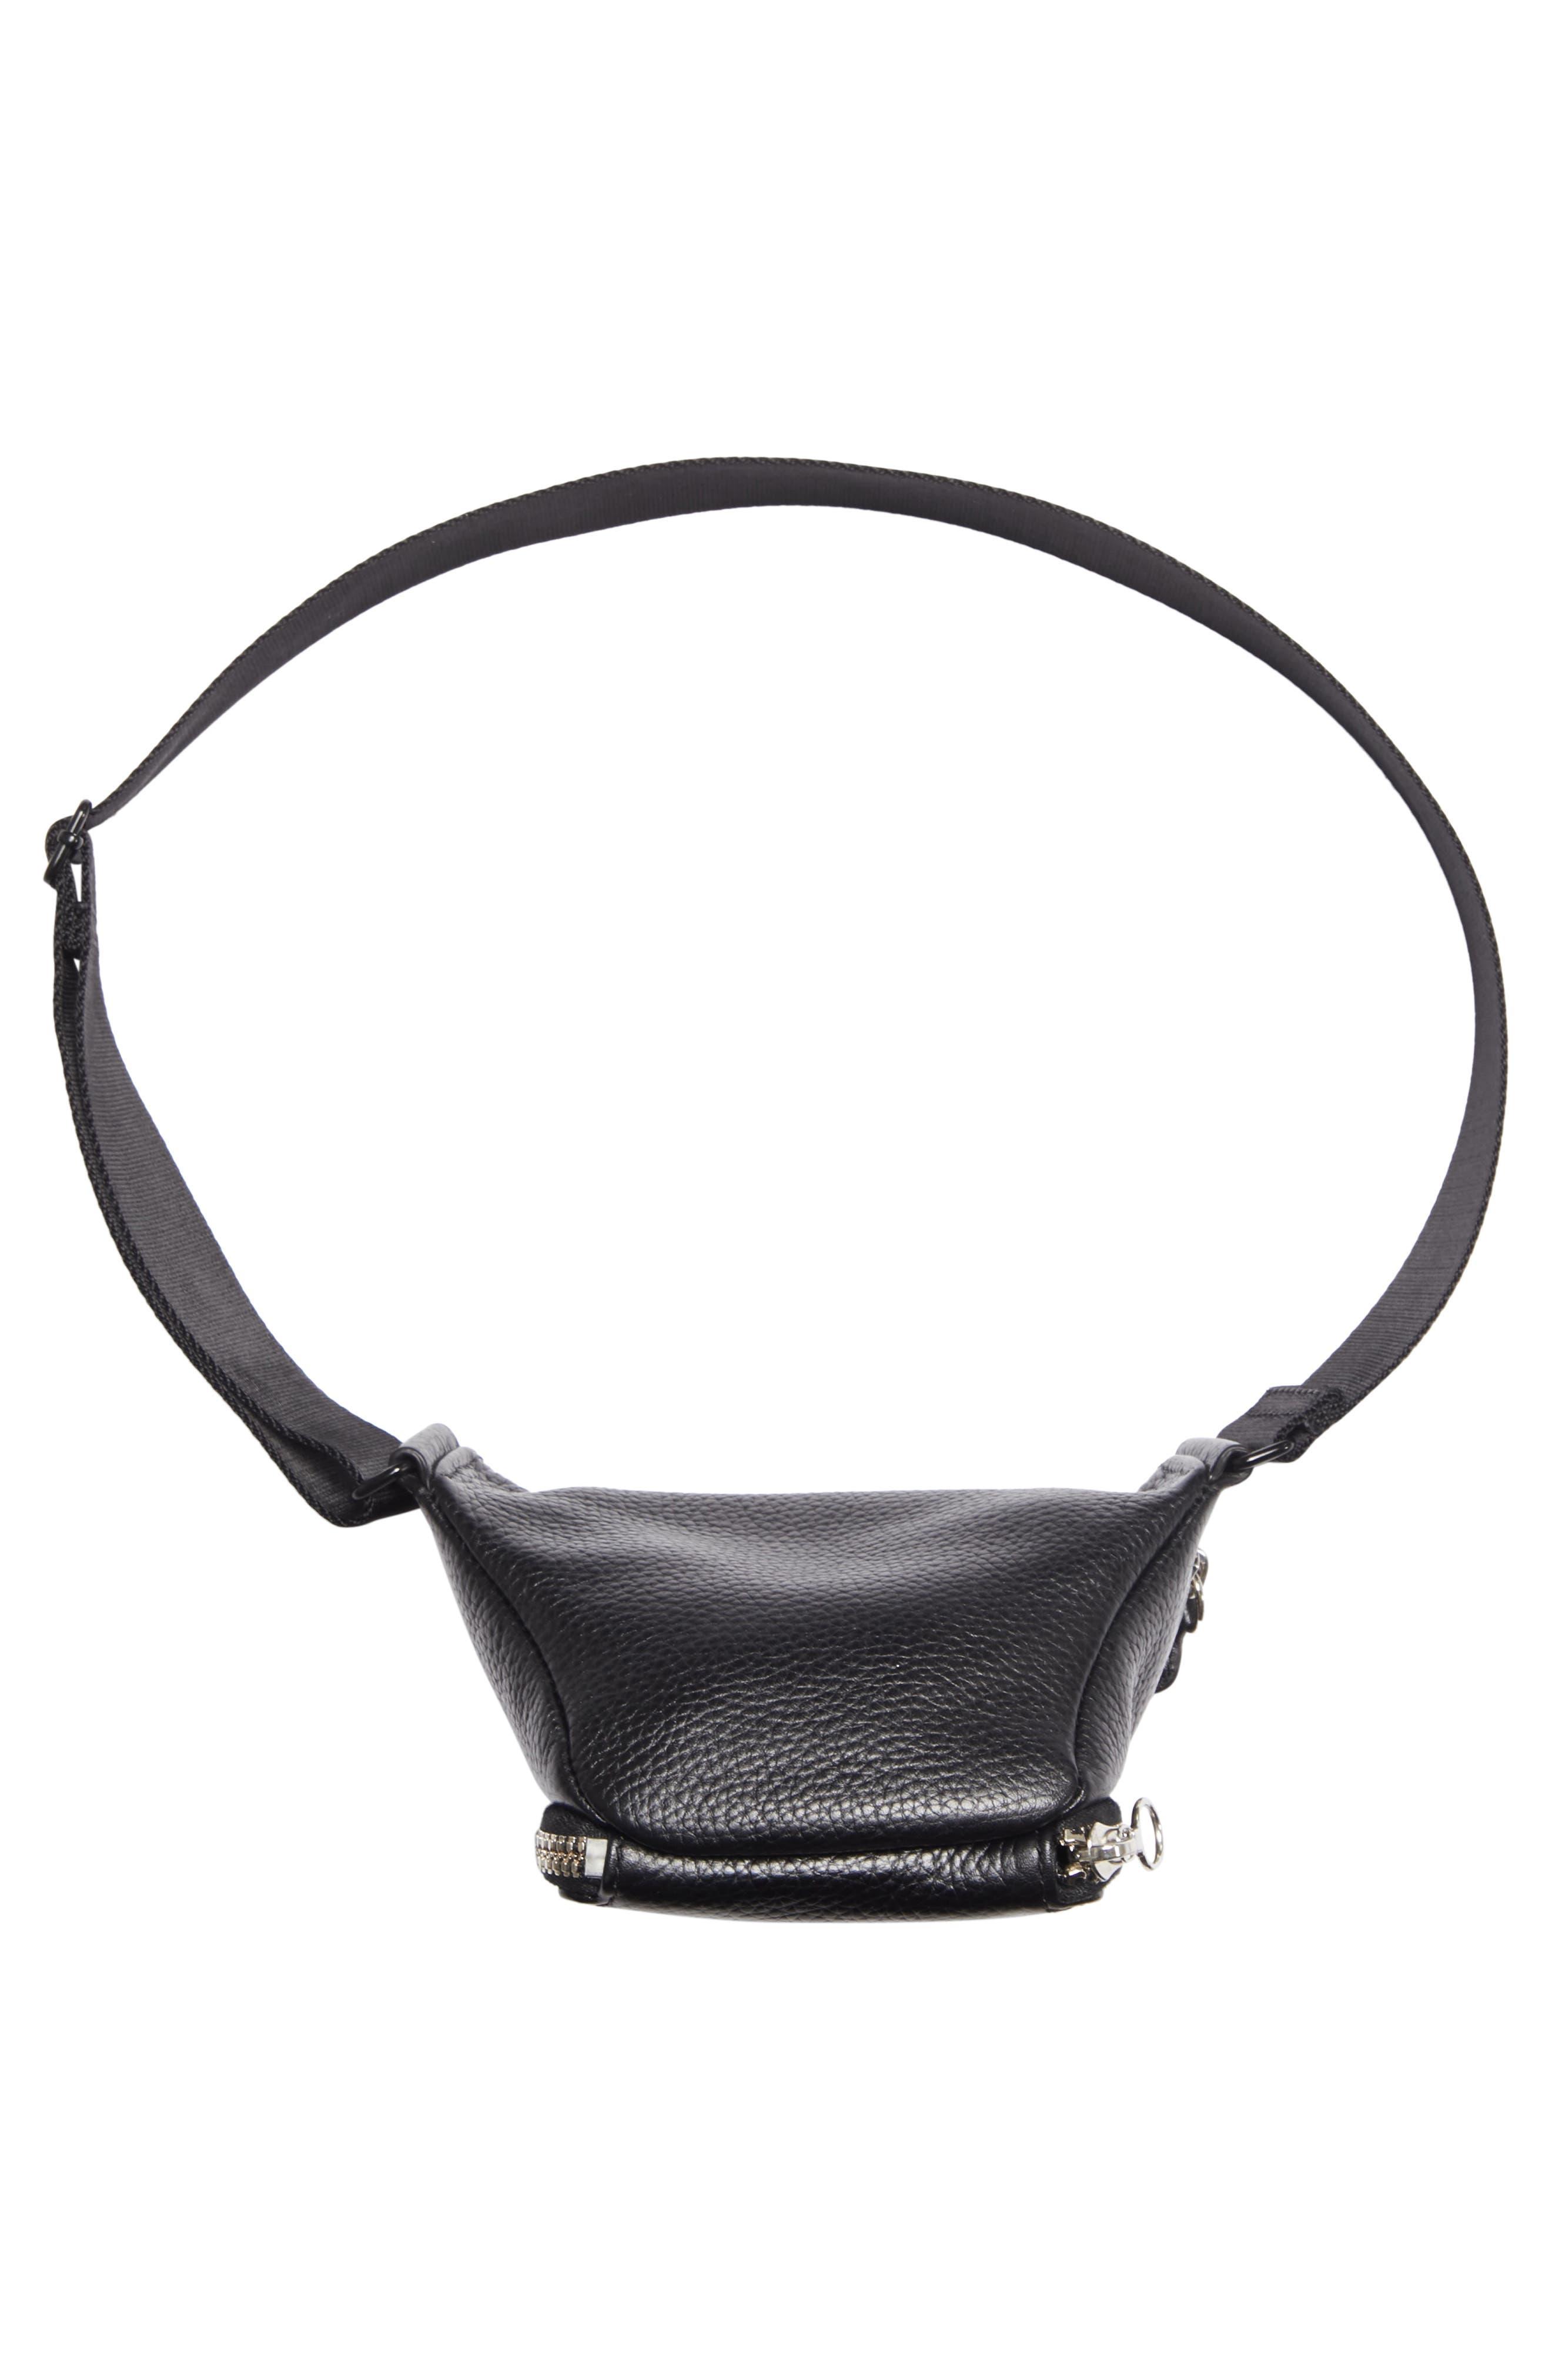 Leather Bum Bag,                             Alternate thumbnail 6, color,                             001